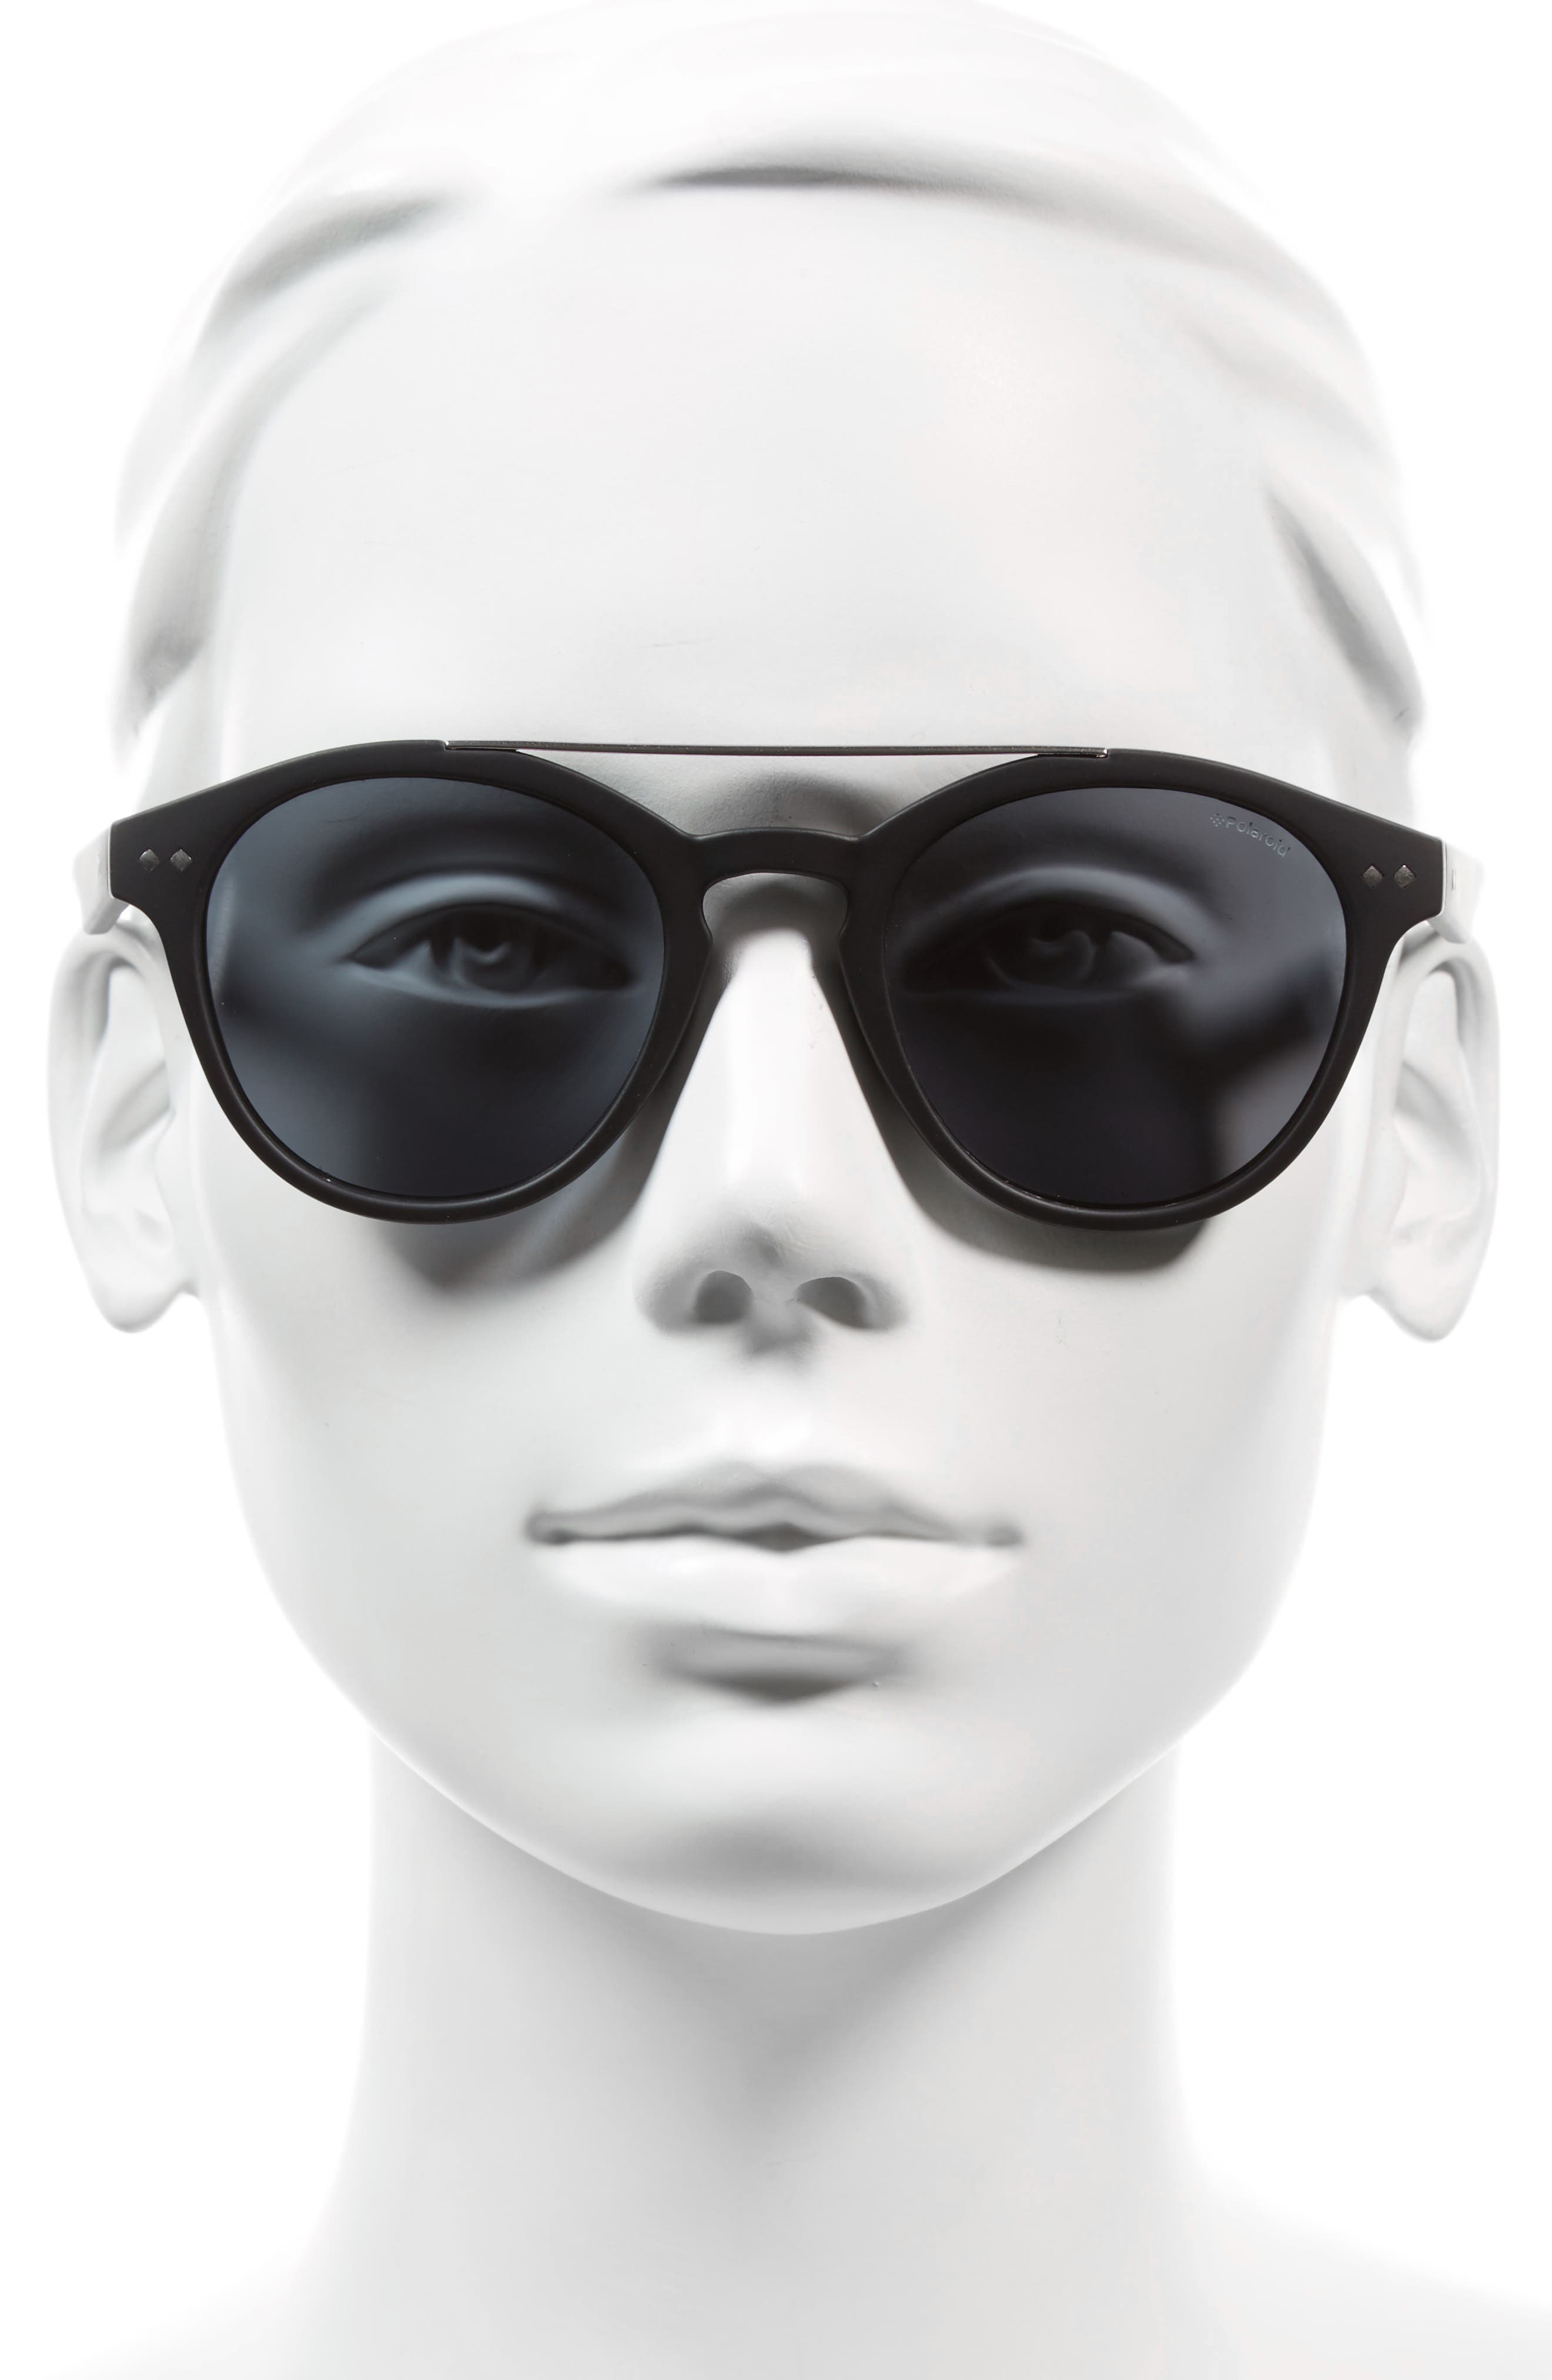 50mm Polarized Retro Sunglasses,                             Alternate thumbnail 2, color,                             001